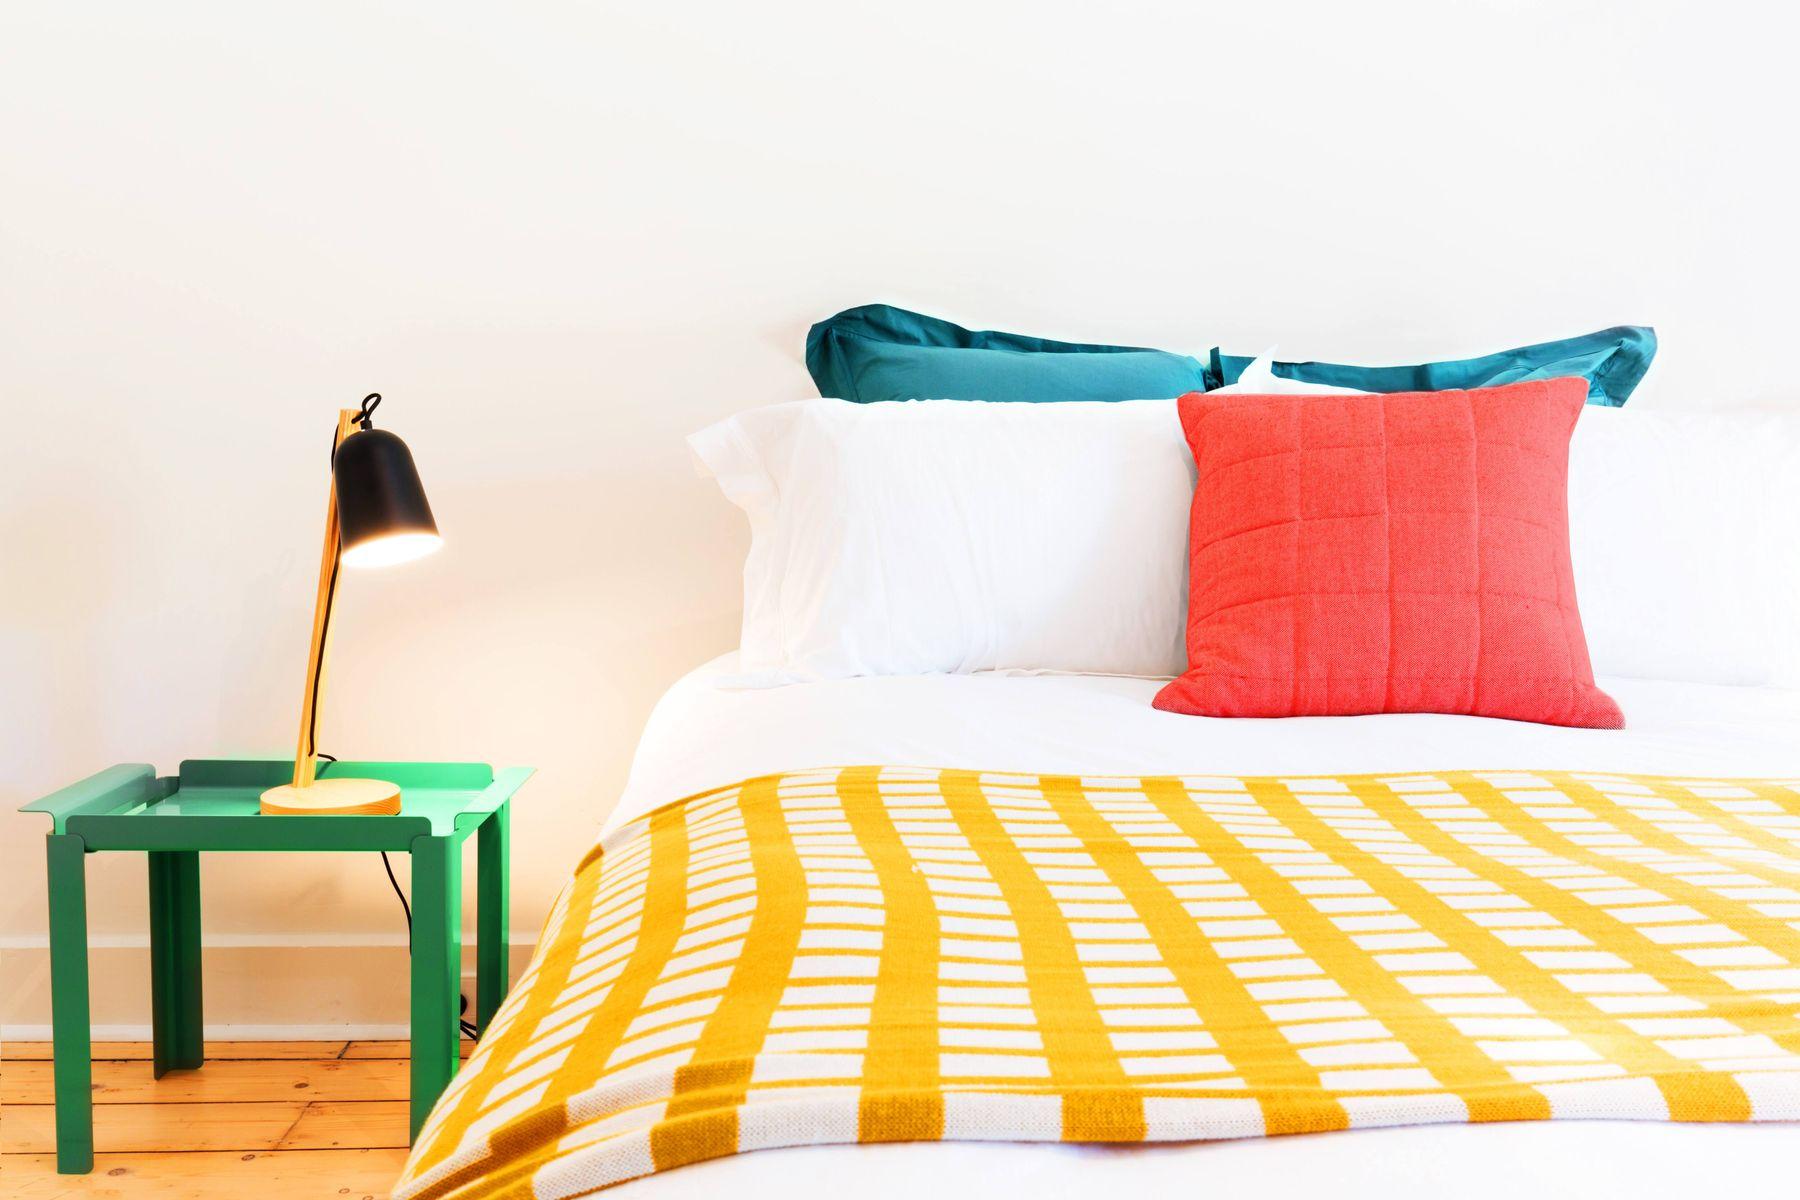 Cama arrumada com travesseiros e almofada vermelha